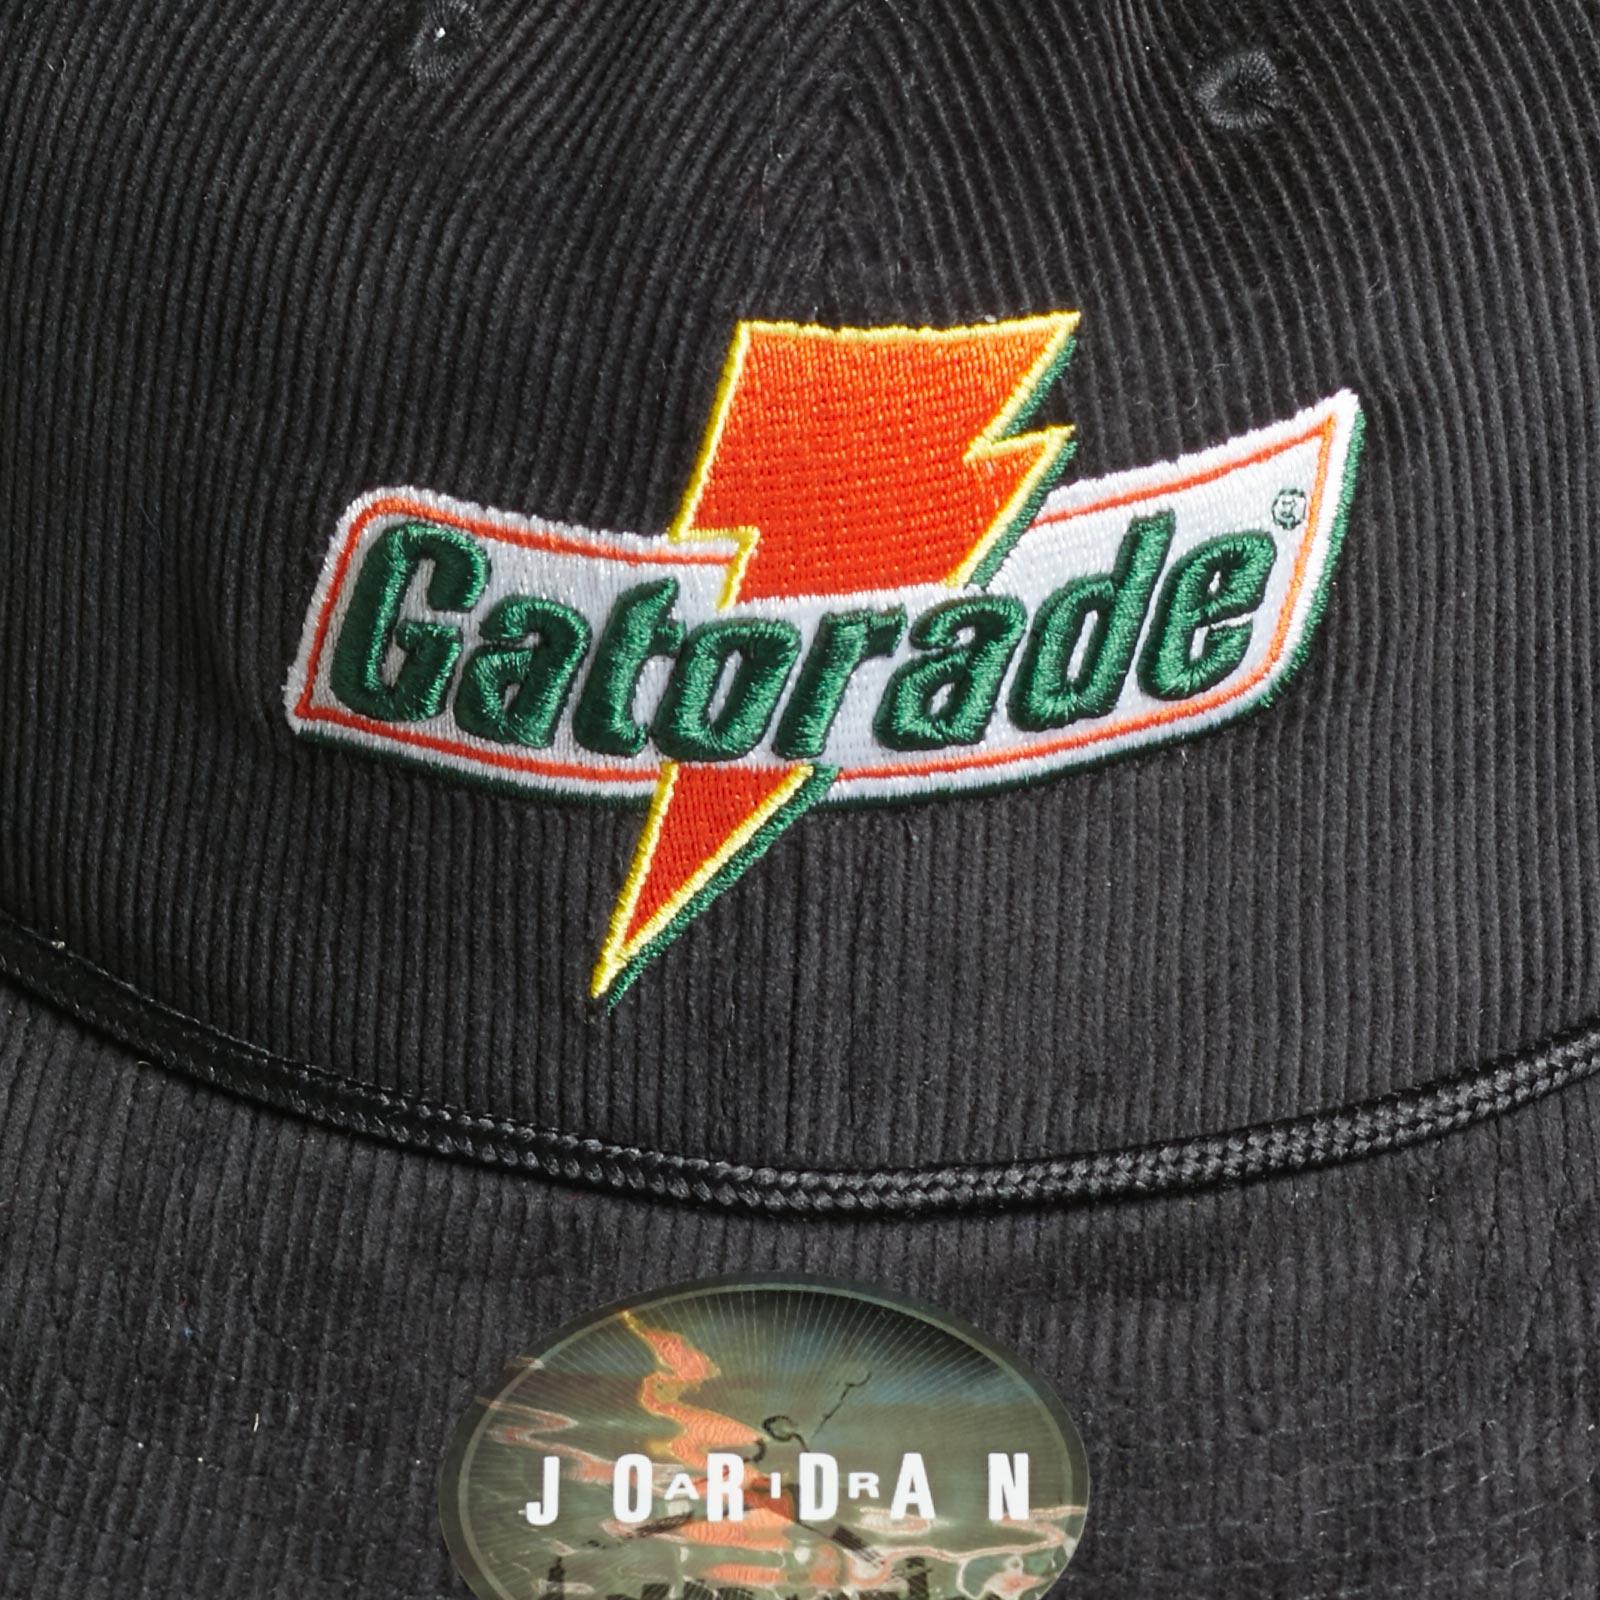 09b1e4e2c63377 Jordan Brand Jordan Pro Like Mike - Aj1263-010 - Sneakersnstuff ...